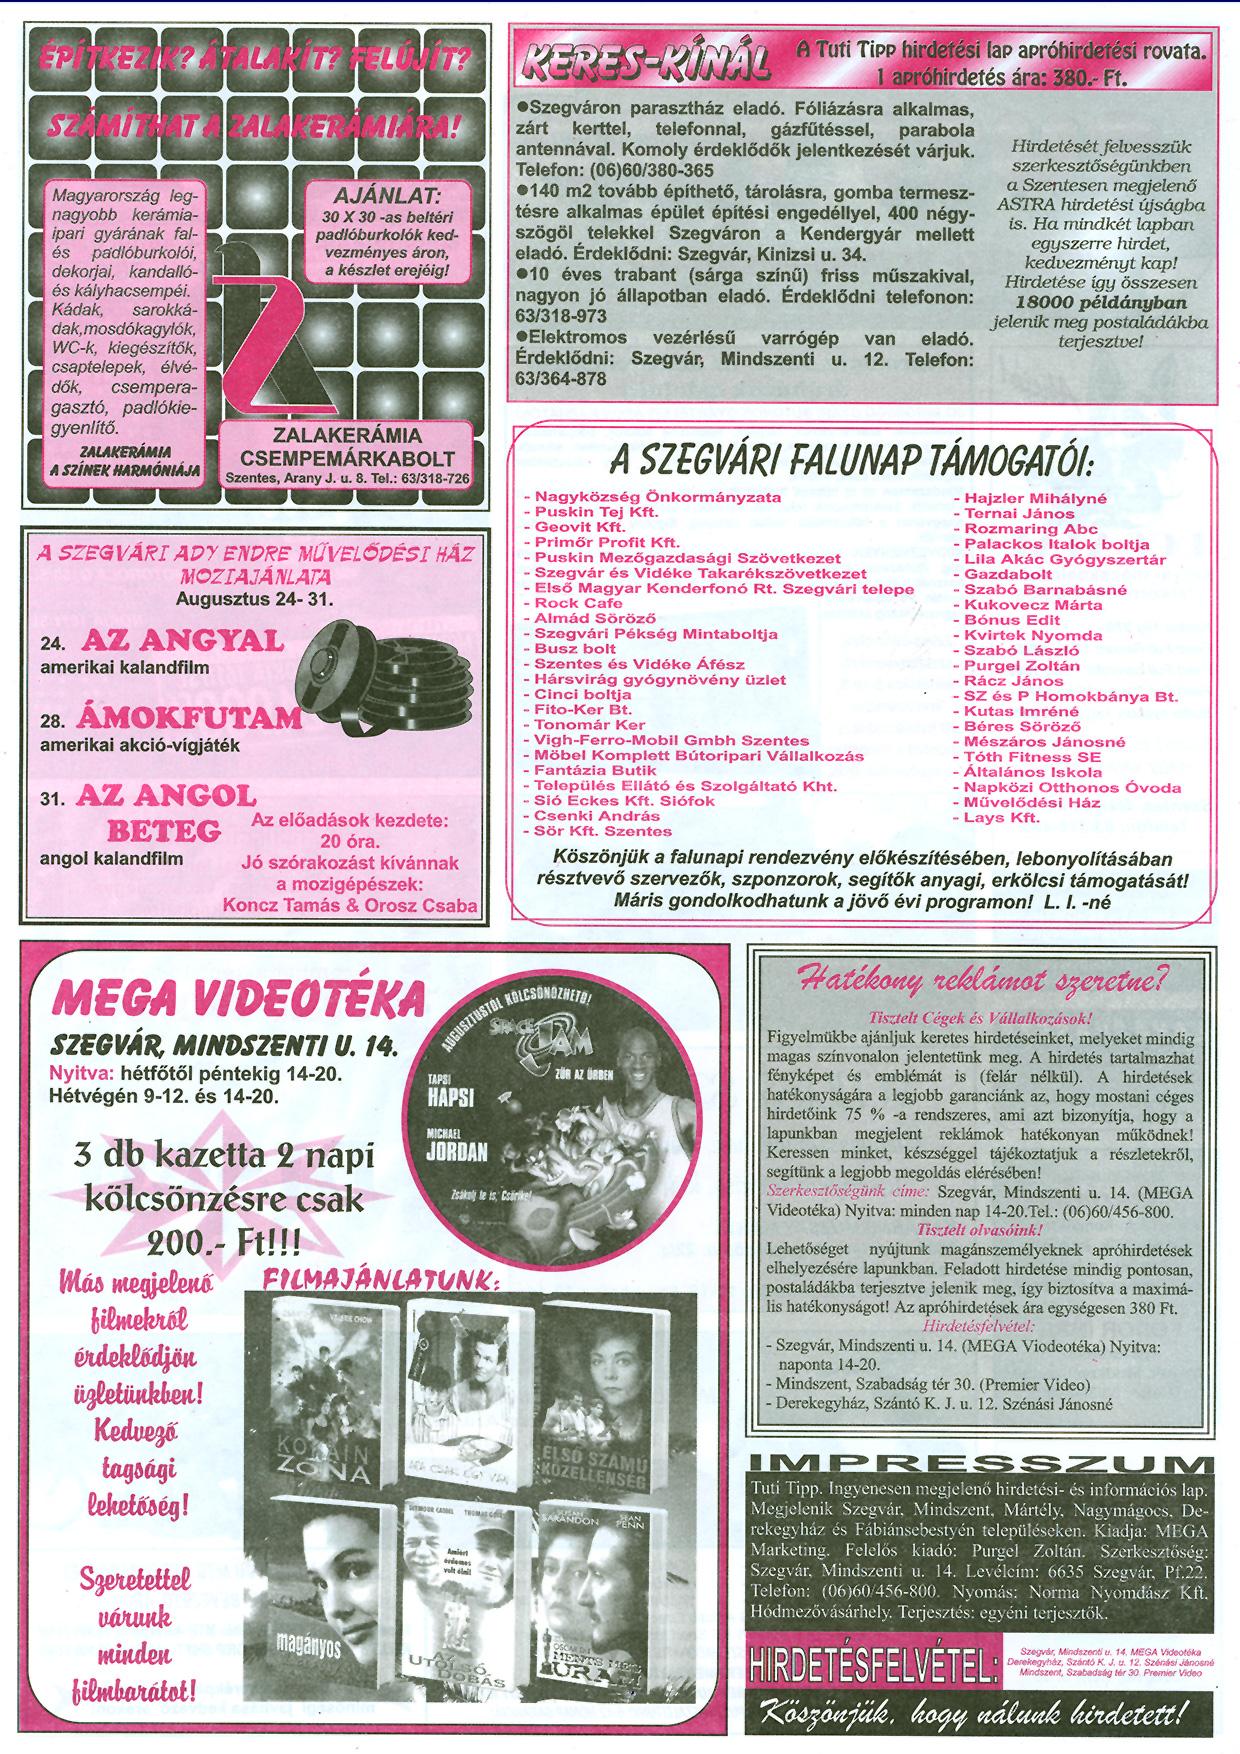 032 Tuti Tipp reklámújság - 19970823-068. lapszám - 2.oldal - III. évfolyam.jpg